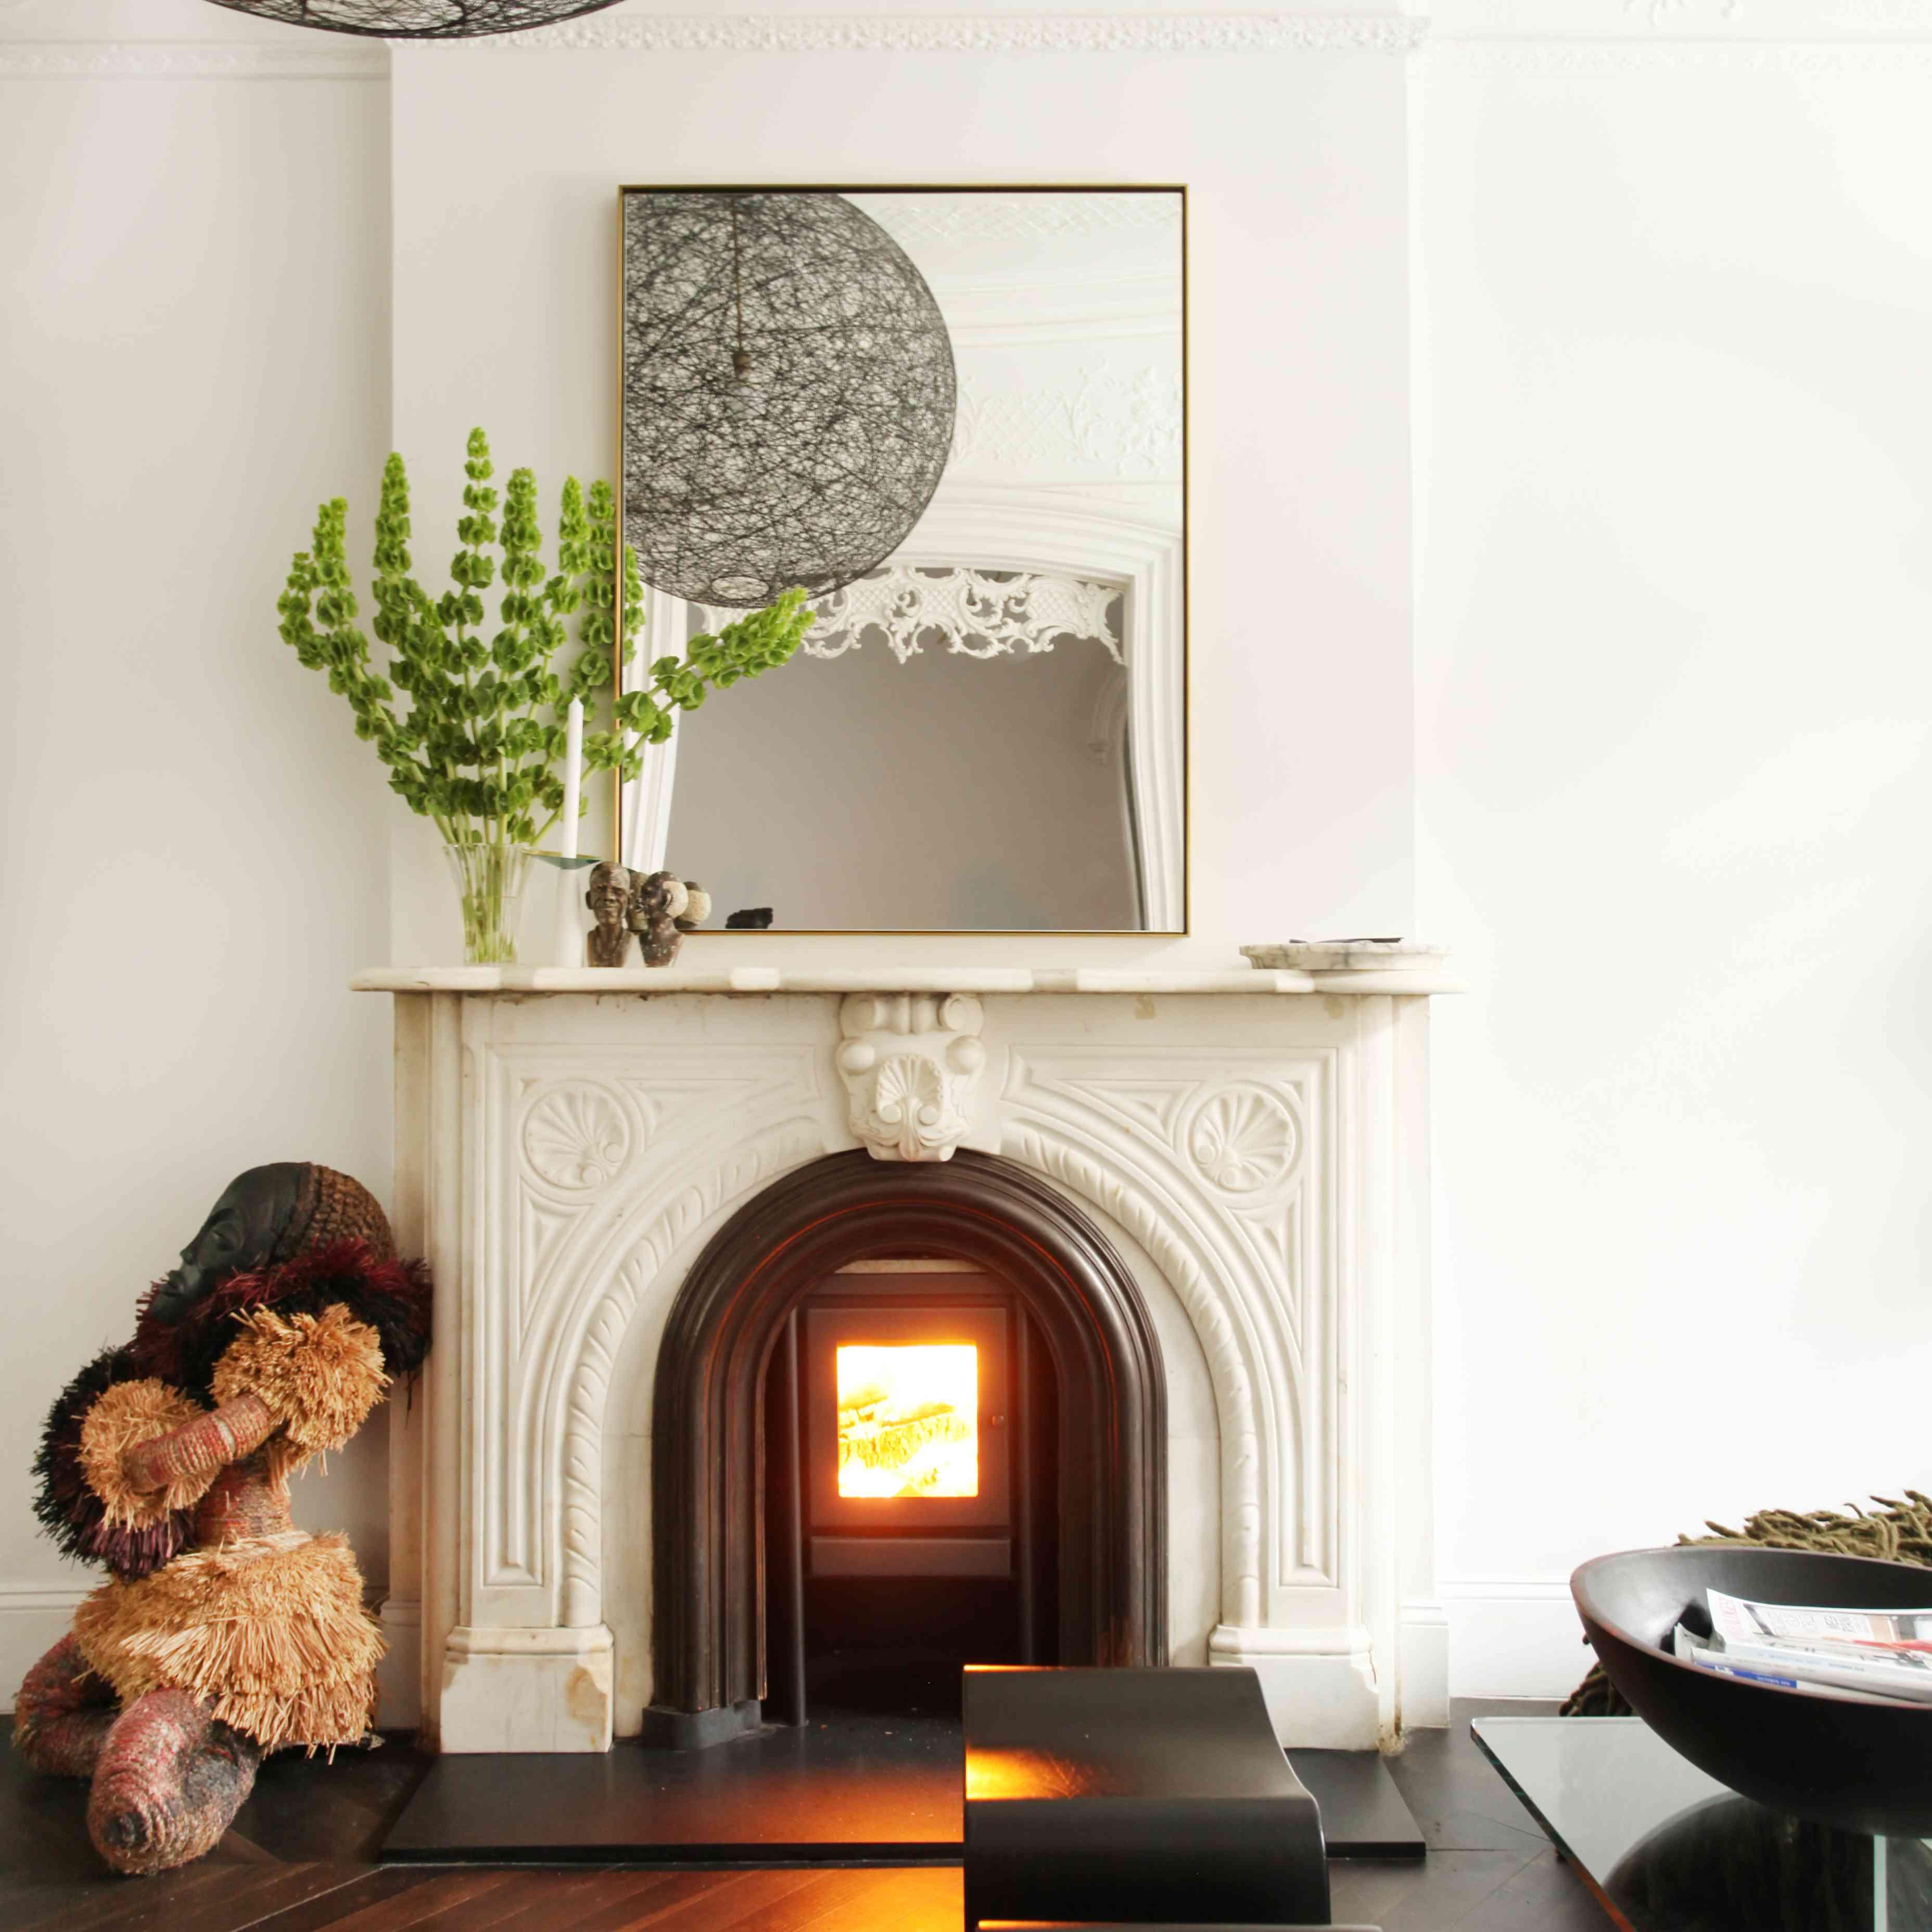 wood floor ornate fireplace